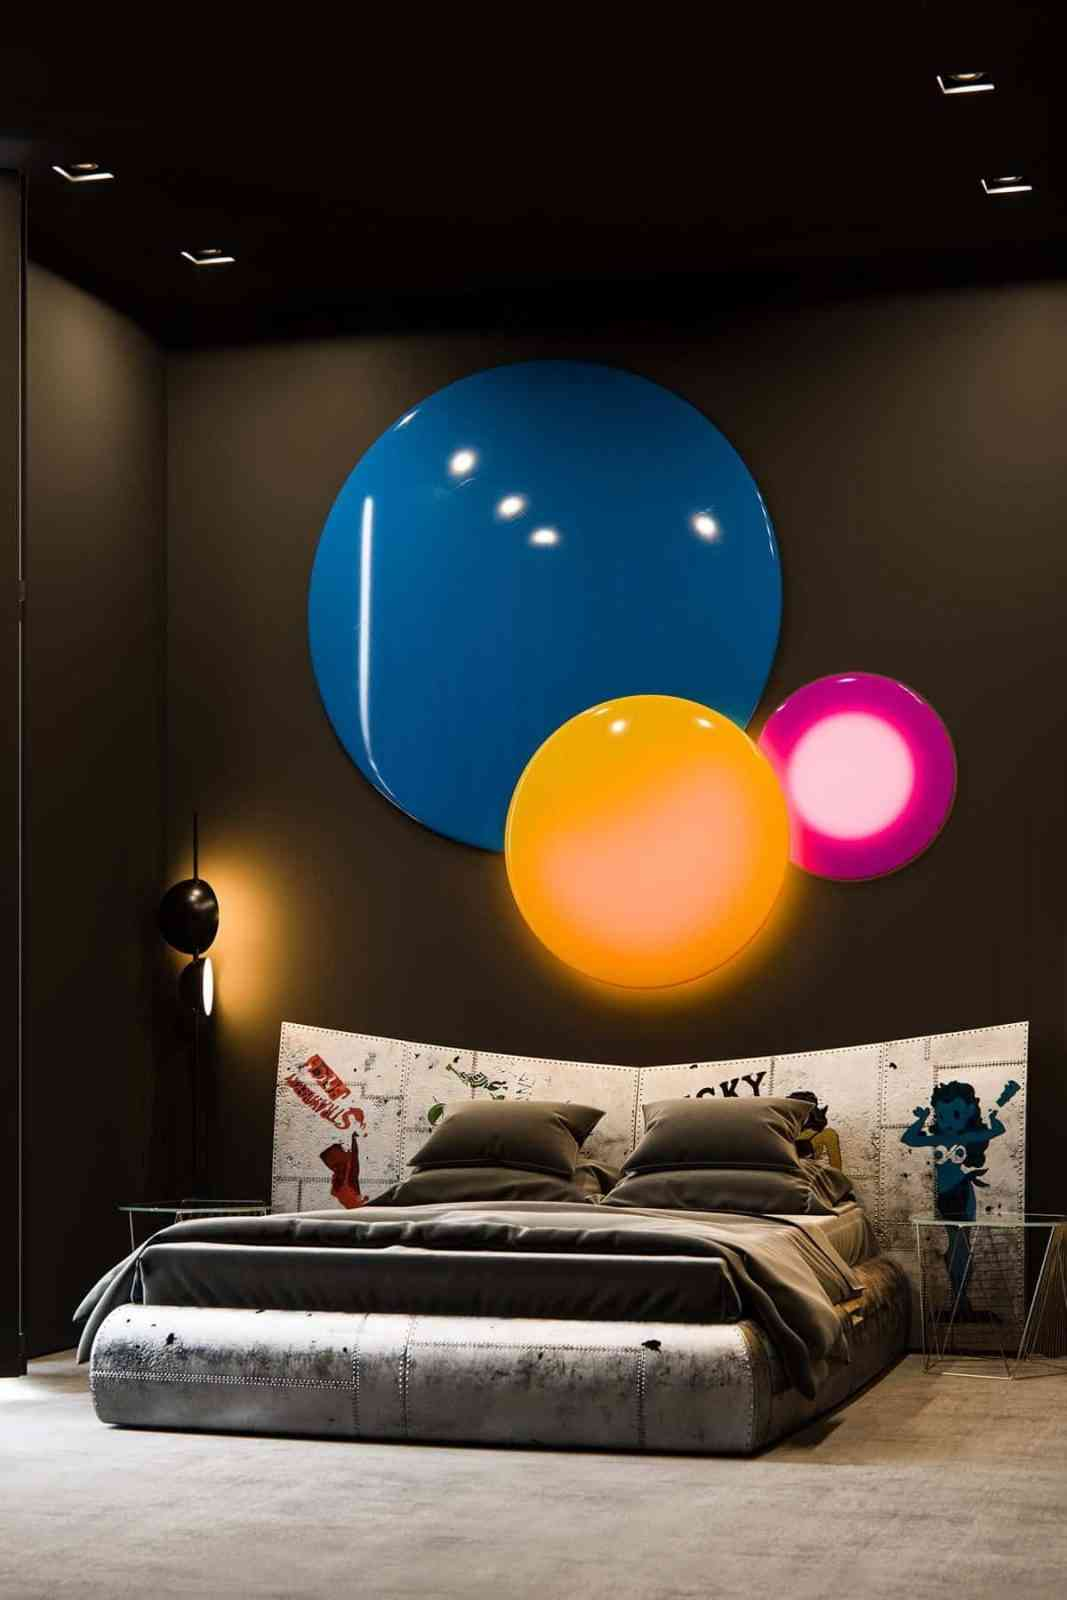 Nội thất phòng ngủ, giường ngủ hiện đại - giuong ngu hien dai 1